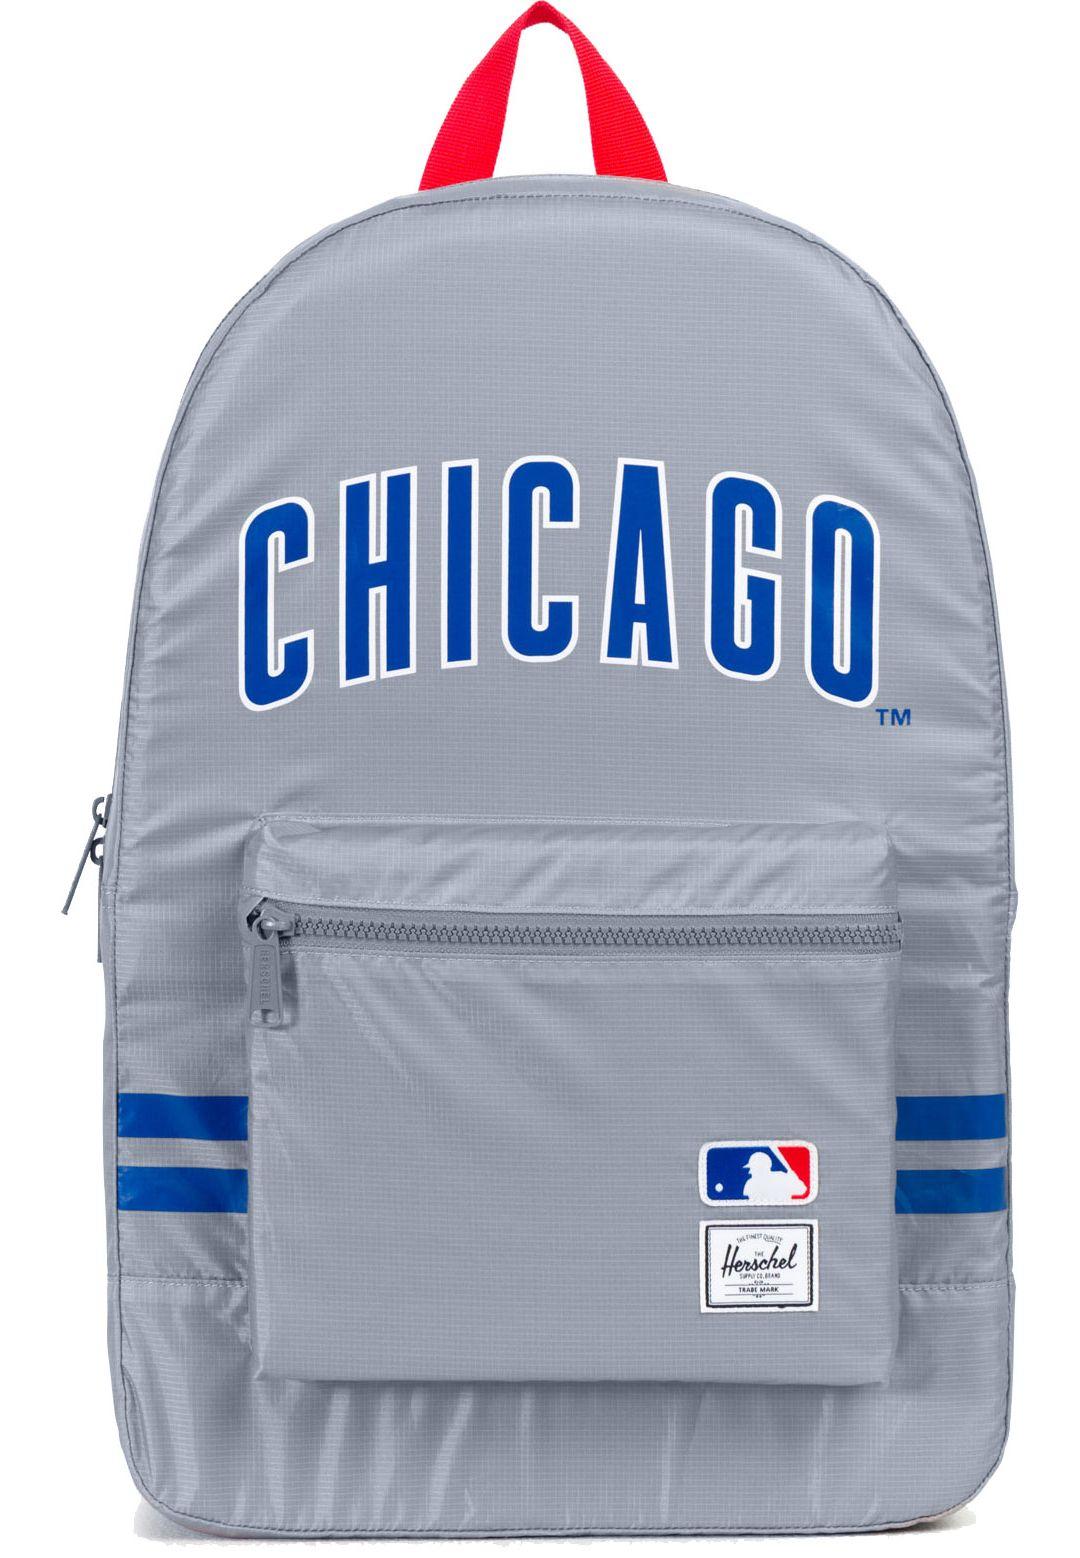 szczegóły dla urzędnik oficjalne zdjęcia Herschel Chicago Cubs Packable Daypack Backpack